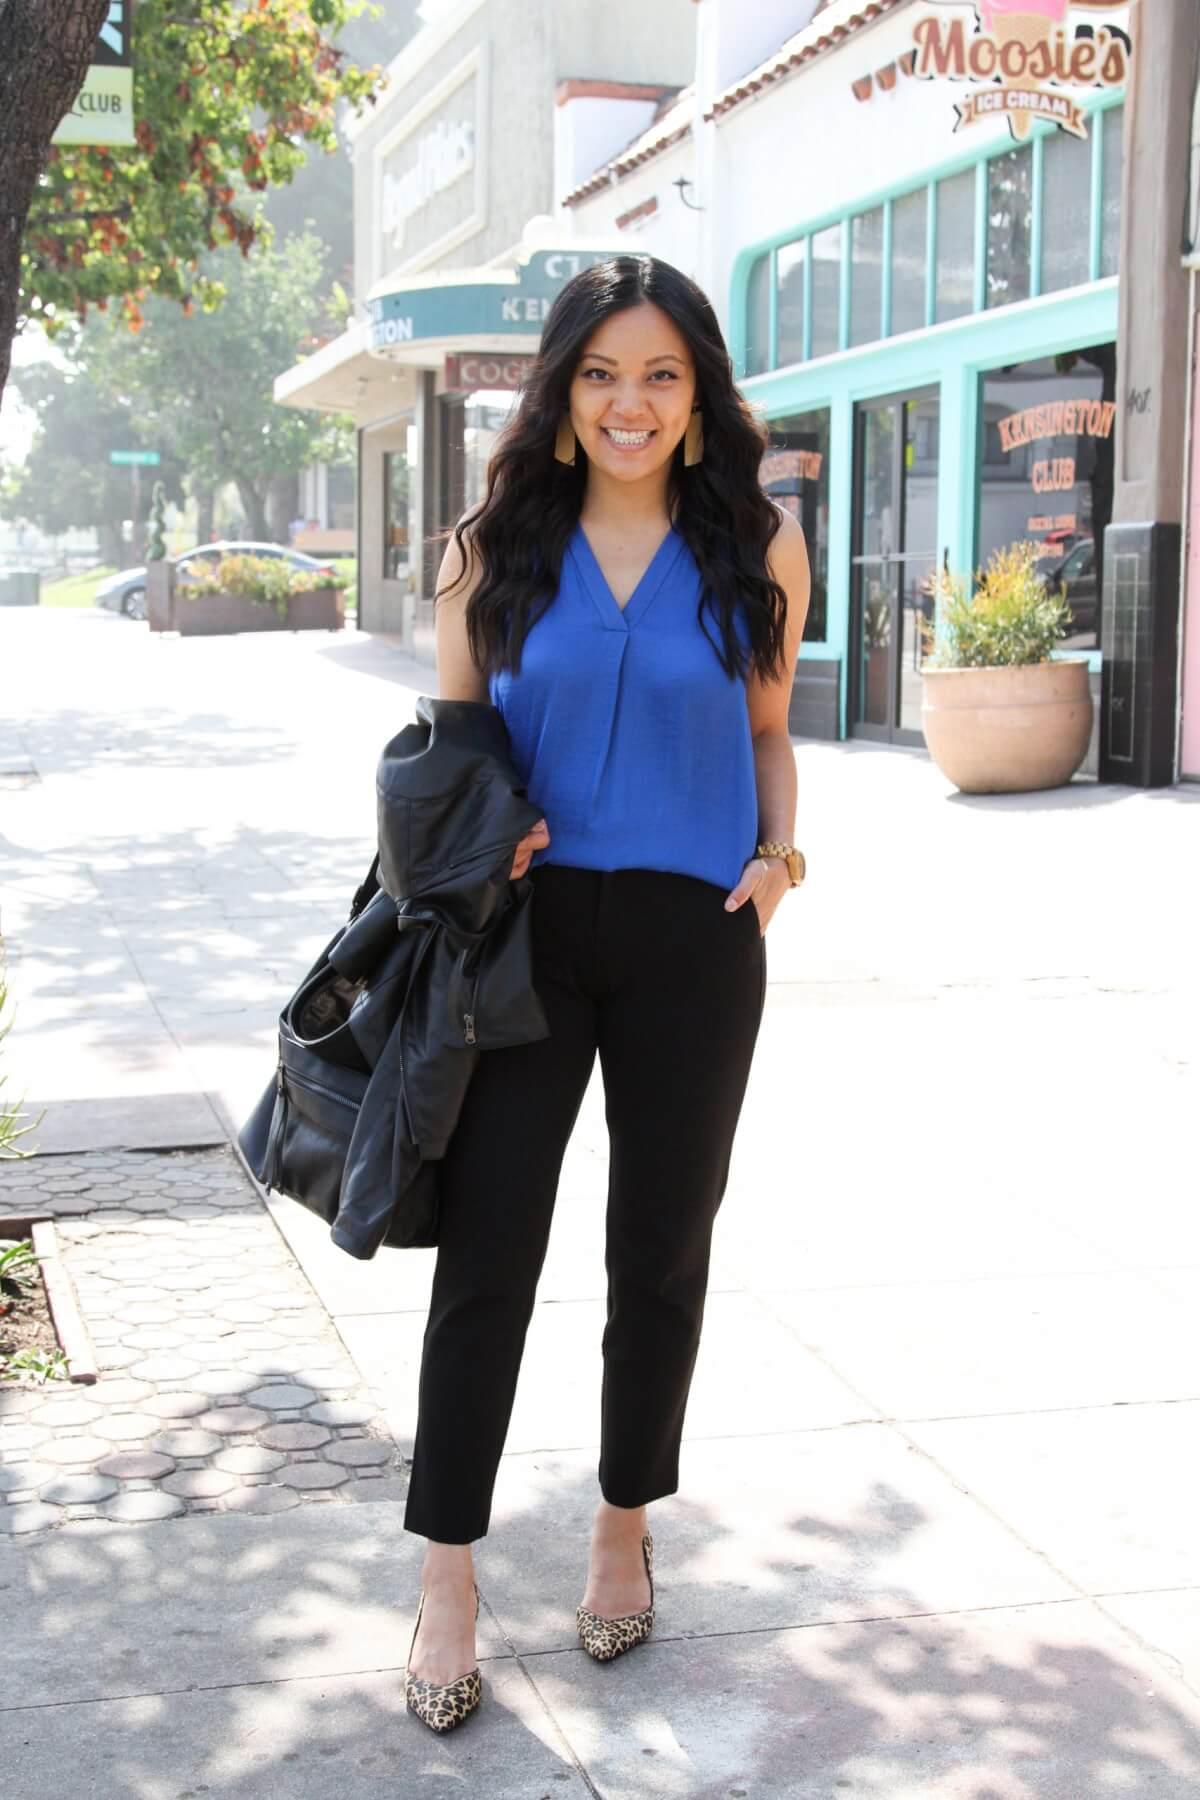 comfy work outfit for spring: blue top, black slacks, black bag, leopard heels